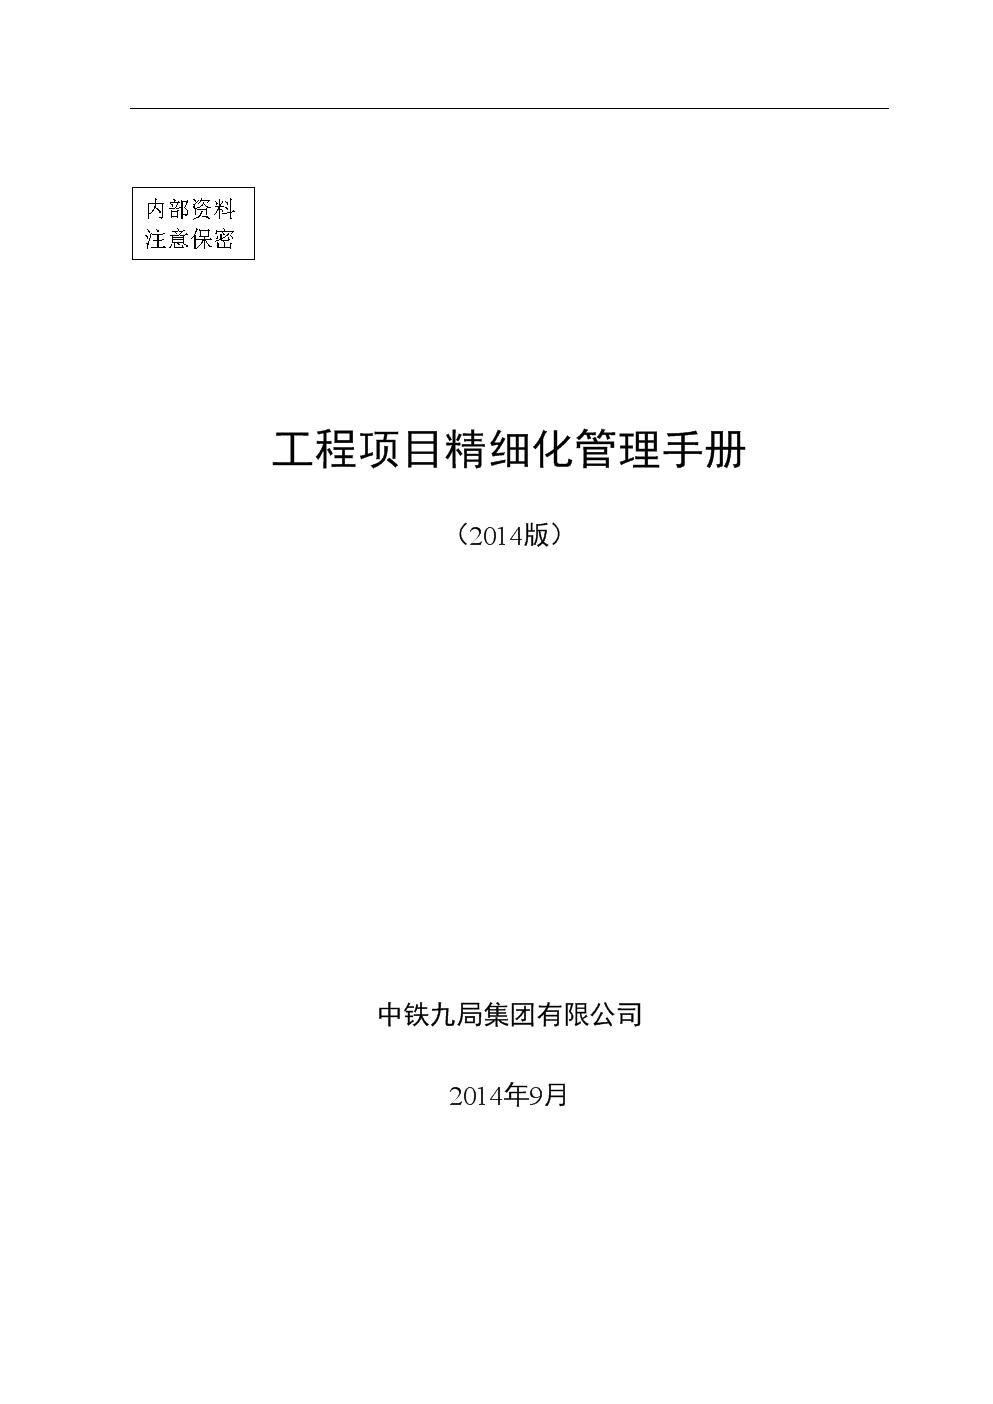 工程项目精细化管理手册(99P Doc).docx